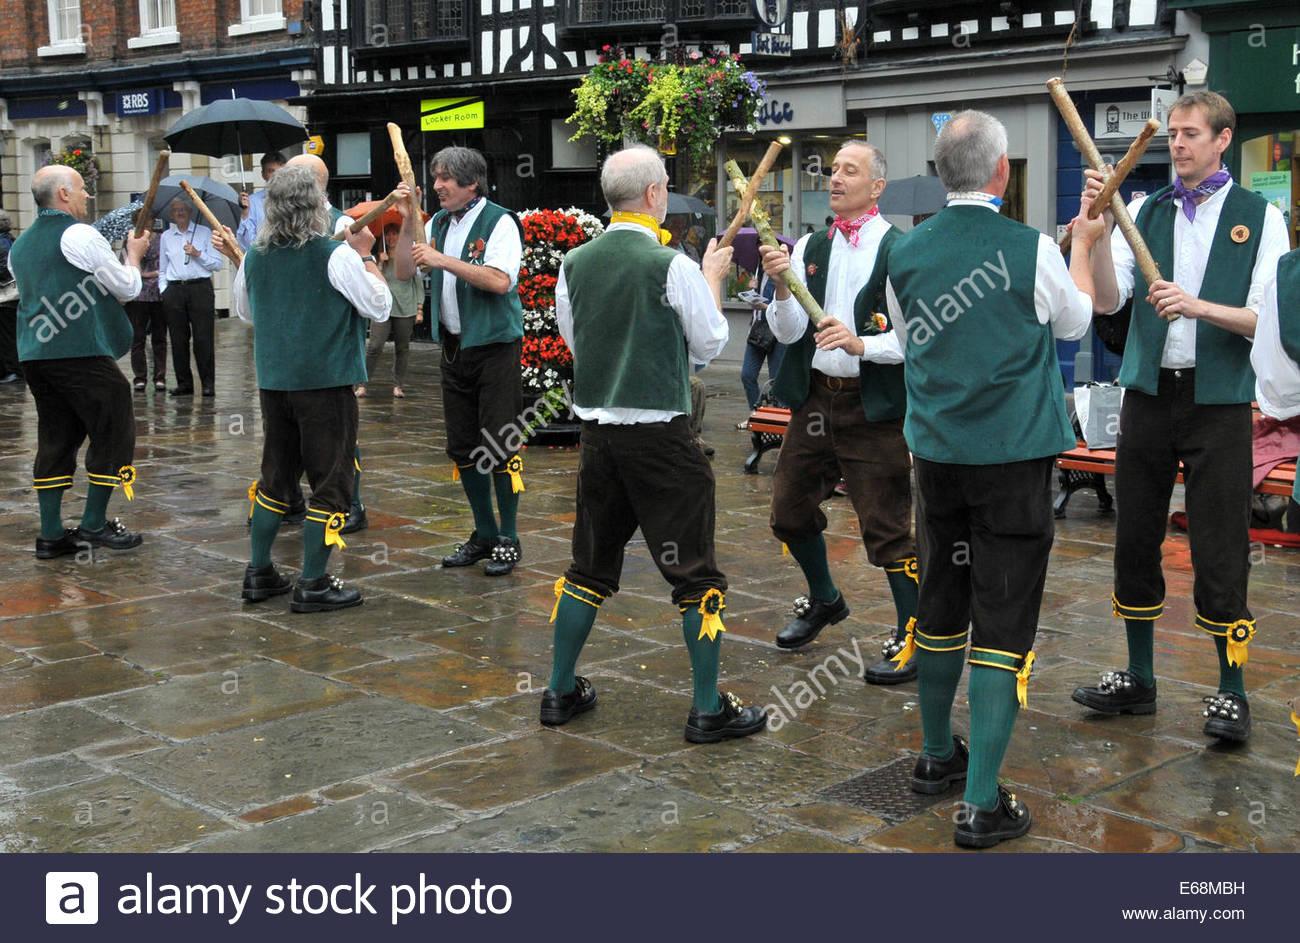 The Shrewsbury Bull & Pump Morris Men, Morris Dancing in the Square, Shrewsbury, Shropshire, UK - Stock Image